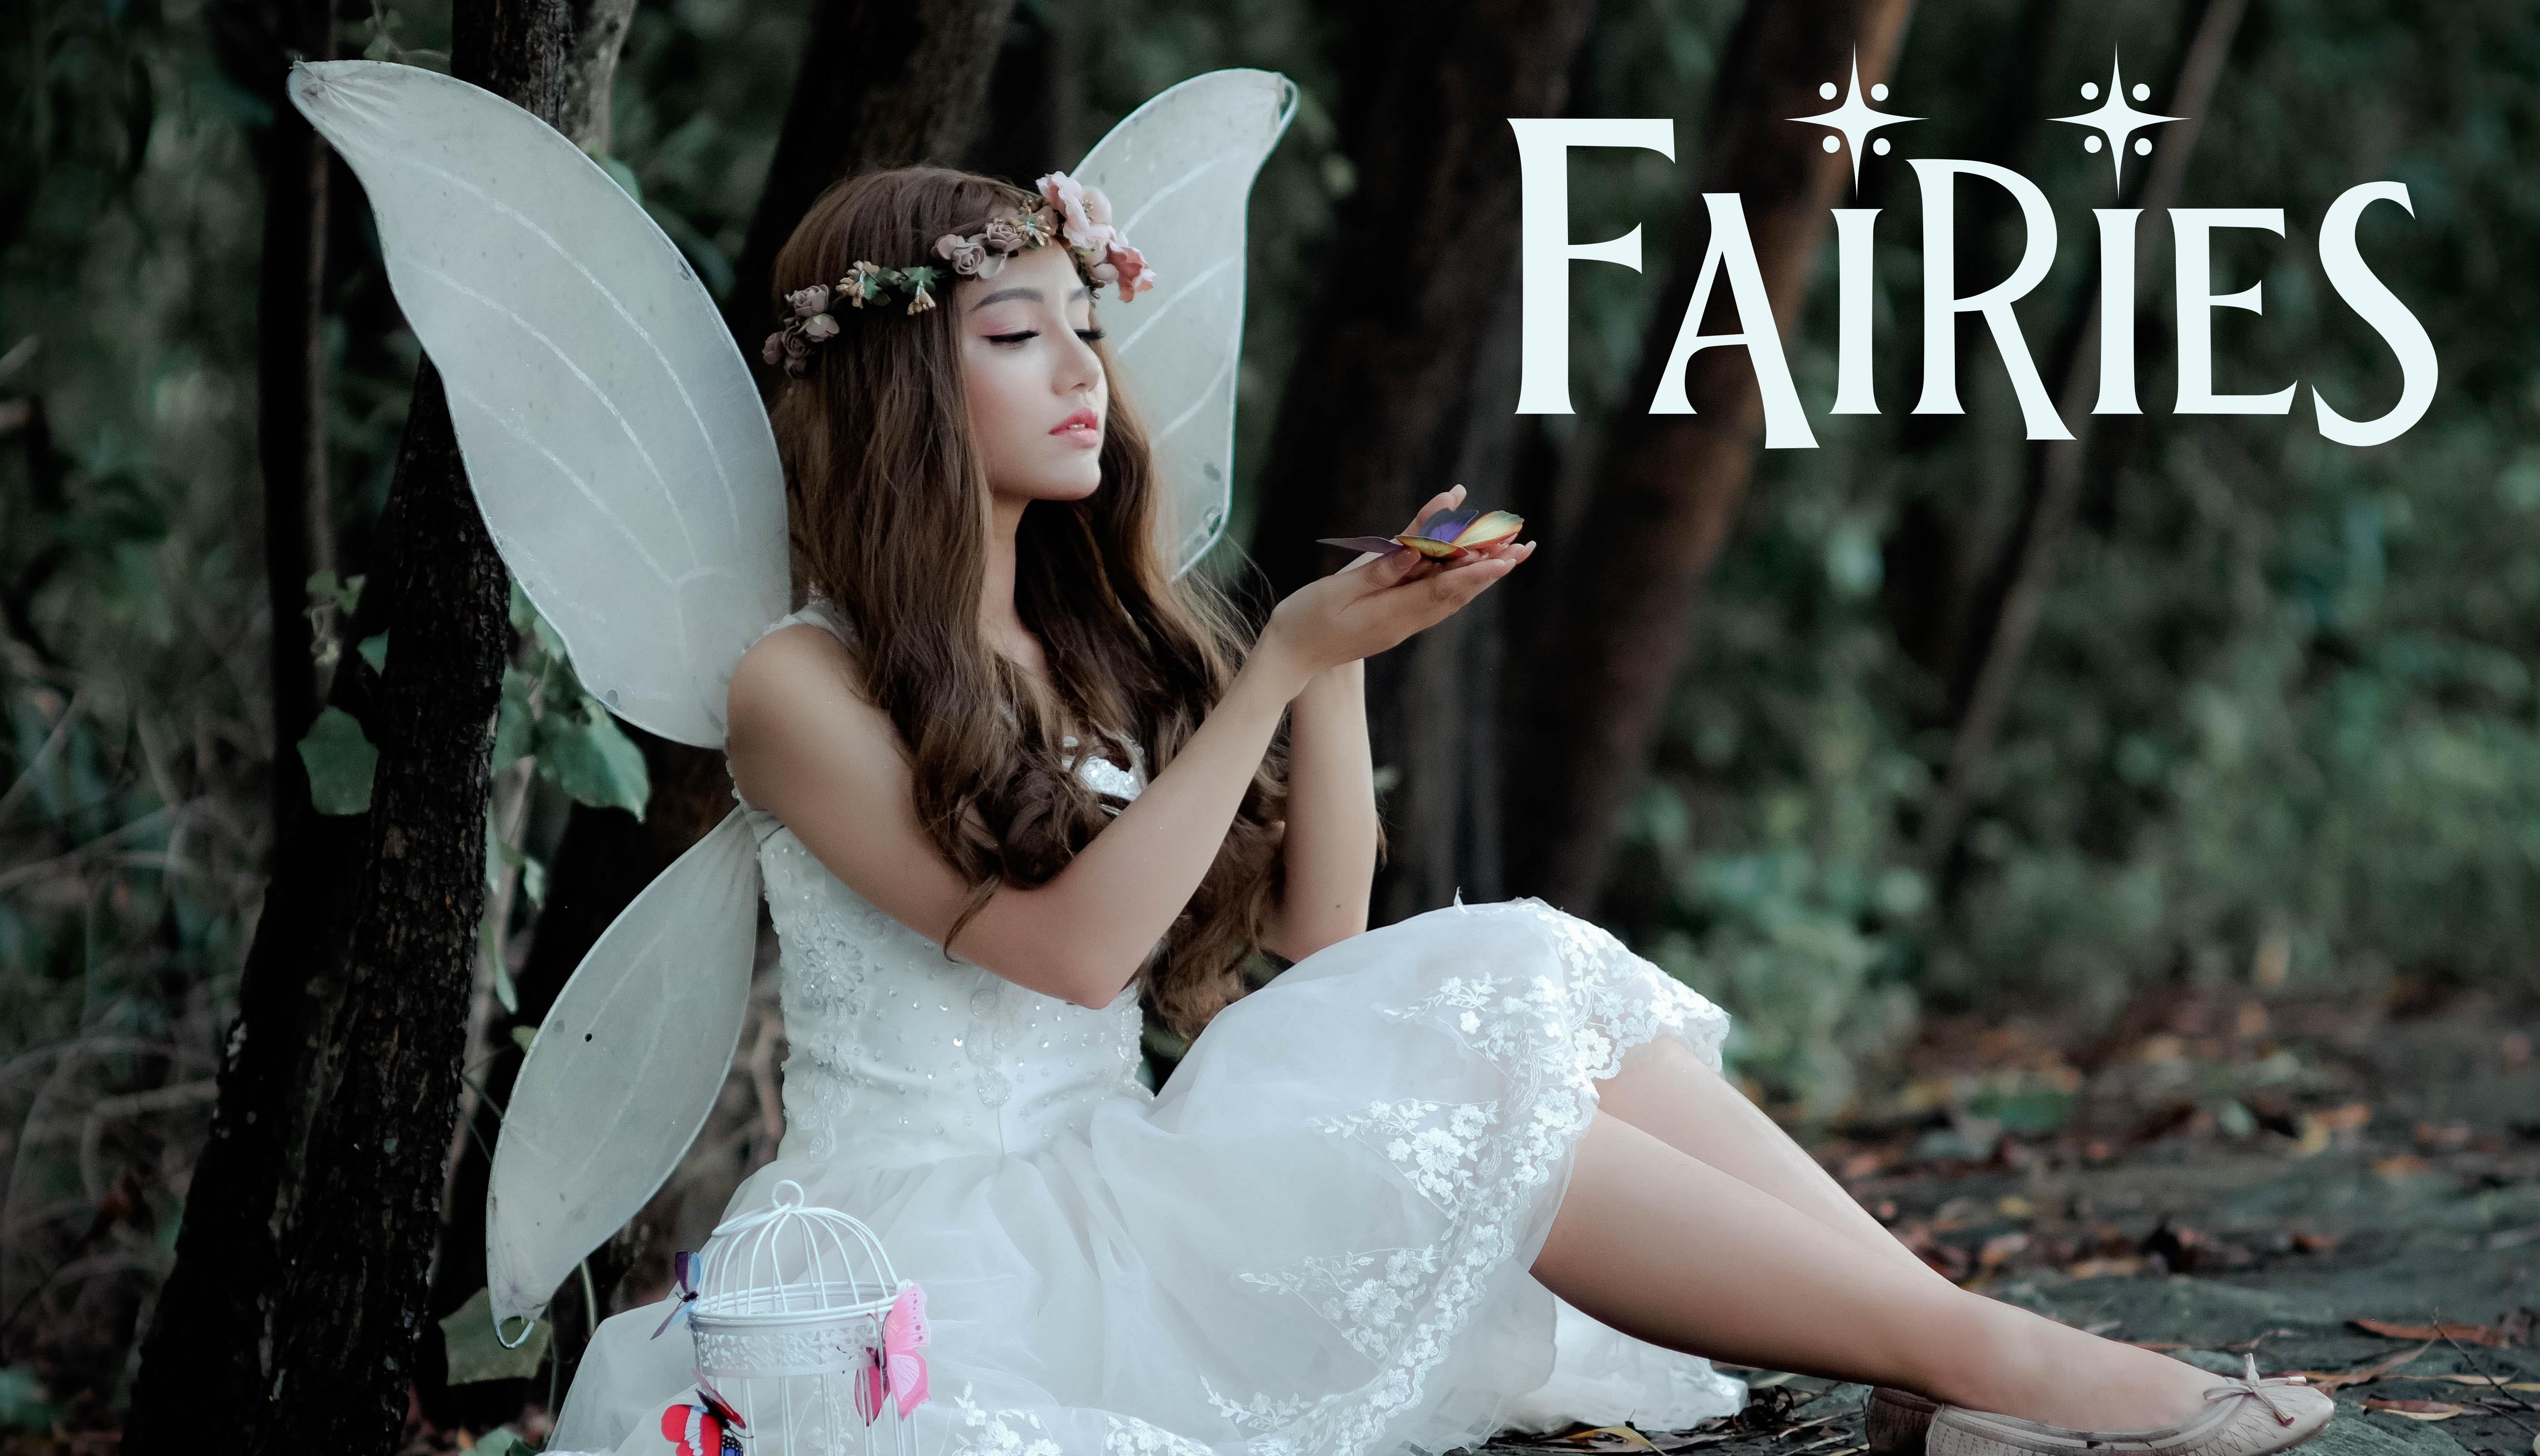 Fairies Genre